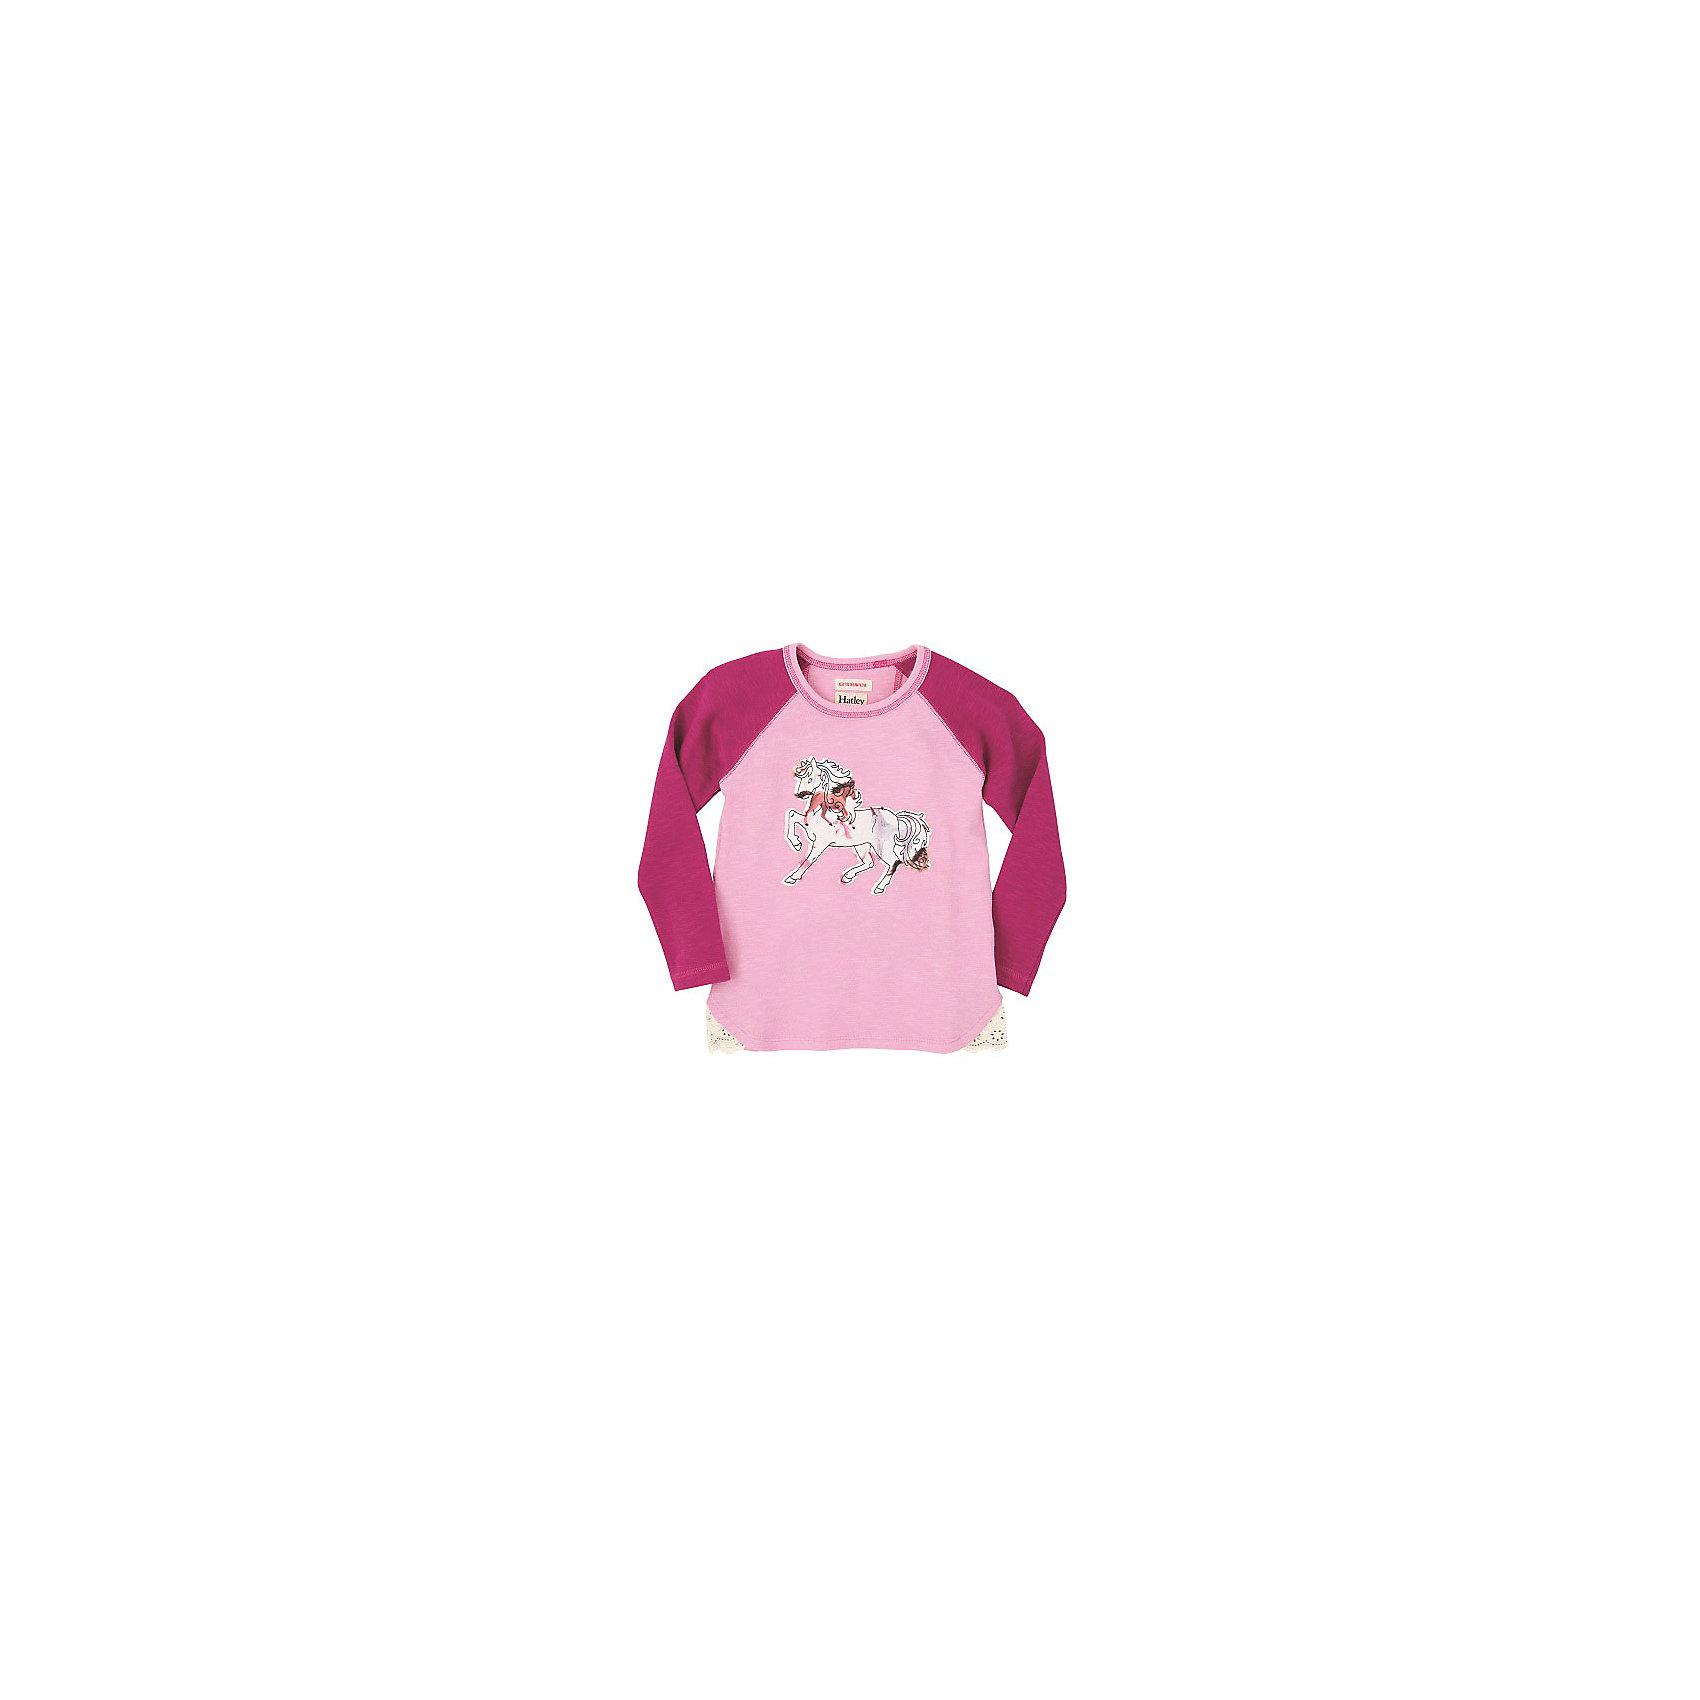 Футболка с длинным рукавом для девочки HatleyФутболка с длинным рукавом для девочки Hatley<br><br>Характеристики:<br><br>• Состав: 100% хлопок<br><br>Красивая и модная футболка с длинными рукавами идеально подойдет для летней прохладной погоды или для носки в помещении. Благодаря тому, что ткань натуральная и не вызывает аллергии, ребенок сможет бегать и прыгать, не боясь, что вспотеет и на коже будут раздражения. Яркий и забавный принт-аппликация делает футболку еще и очень привлекательной.<br><br>Футболку с длинным рукавом для девочки Hatley можно купить в нашем интернет-магазине<br><br>Ширина мм: 230<br>Глубина мм: 40<br>Высота мм: 220<br>Вес г: 250<br>Цвет: розовый<br>Возраст от месяцев: 18<br>Возраст до месяцев: 24<br>Пол: Женский<br>Возраст: Детский<br>Размер: 92,128,122,116,110,104,98<br>SKU: 5020611